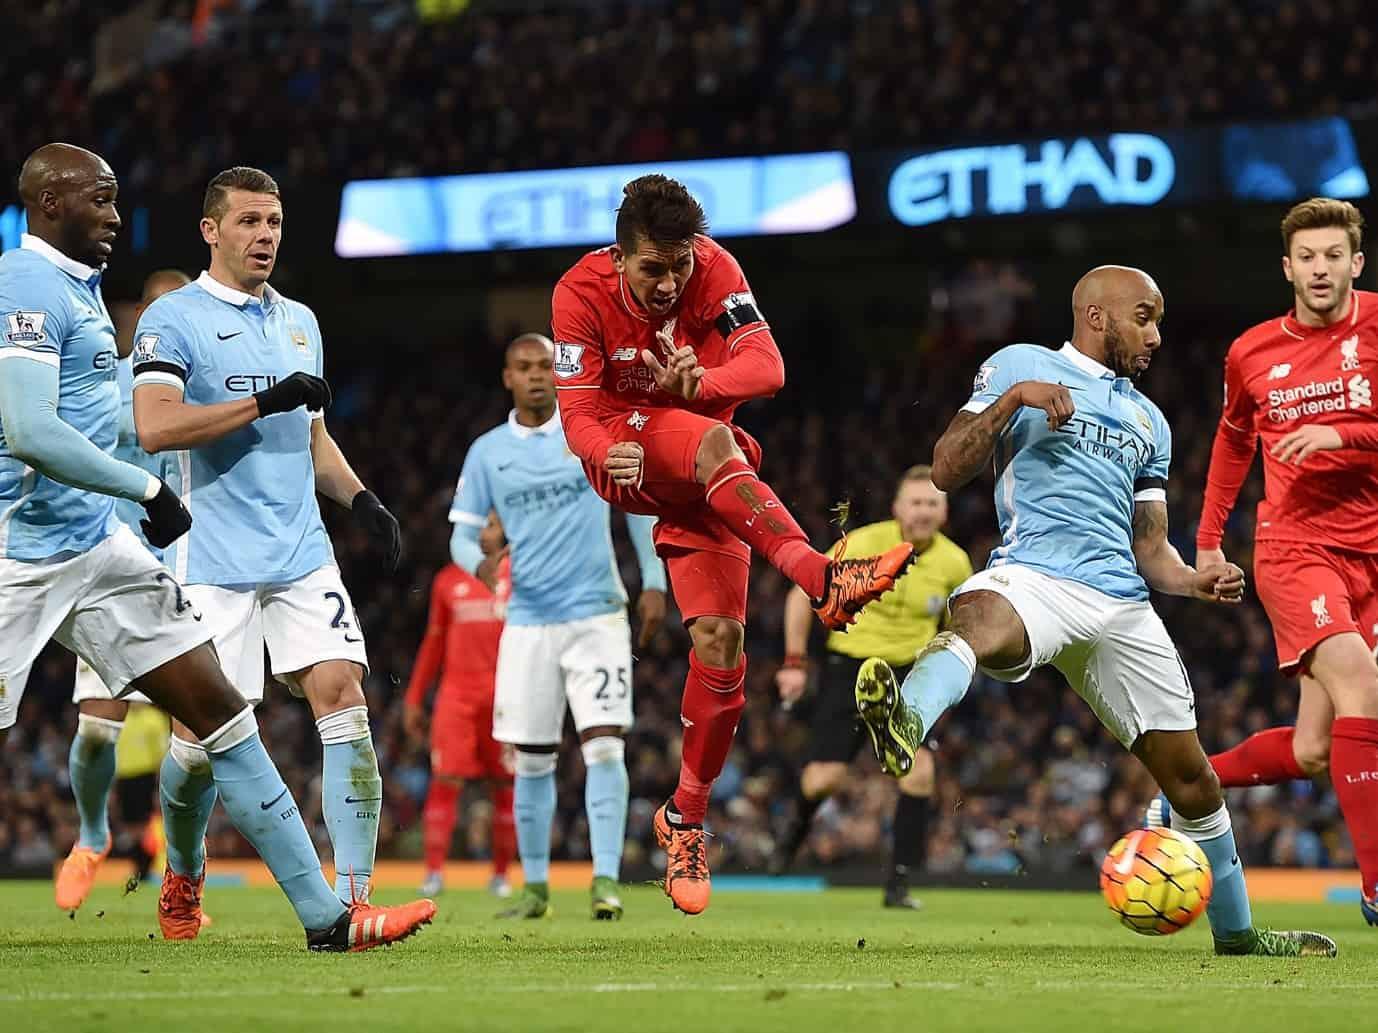 Liga Inggris Awal Tahun Diawali Big Match Liverpool vs City